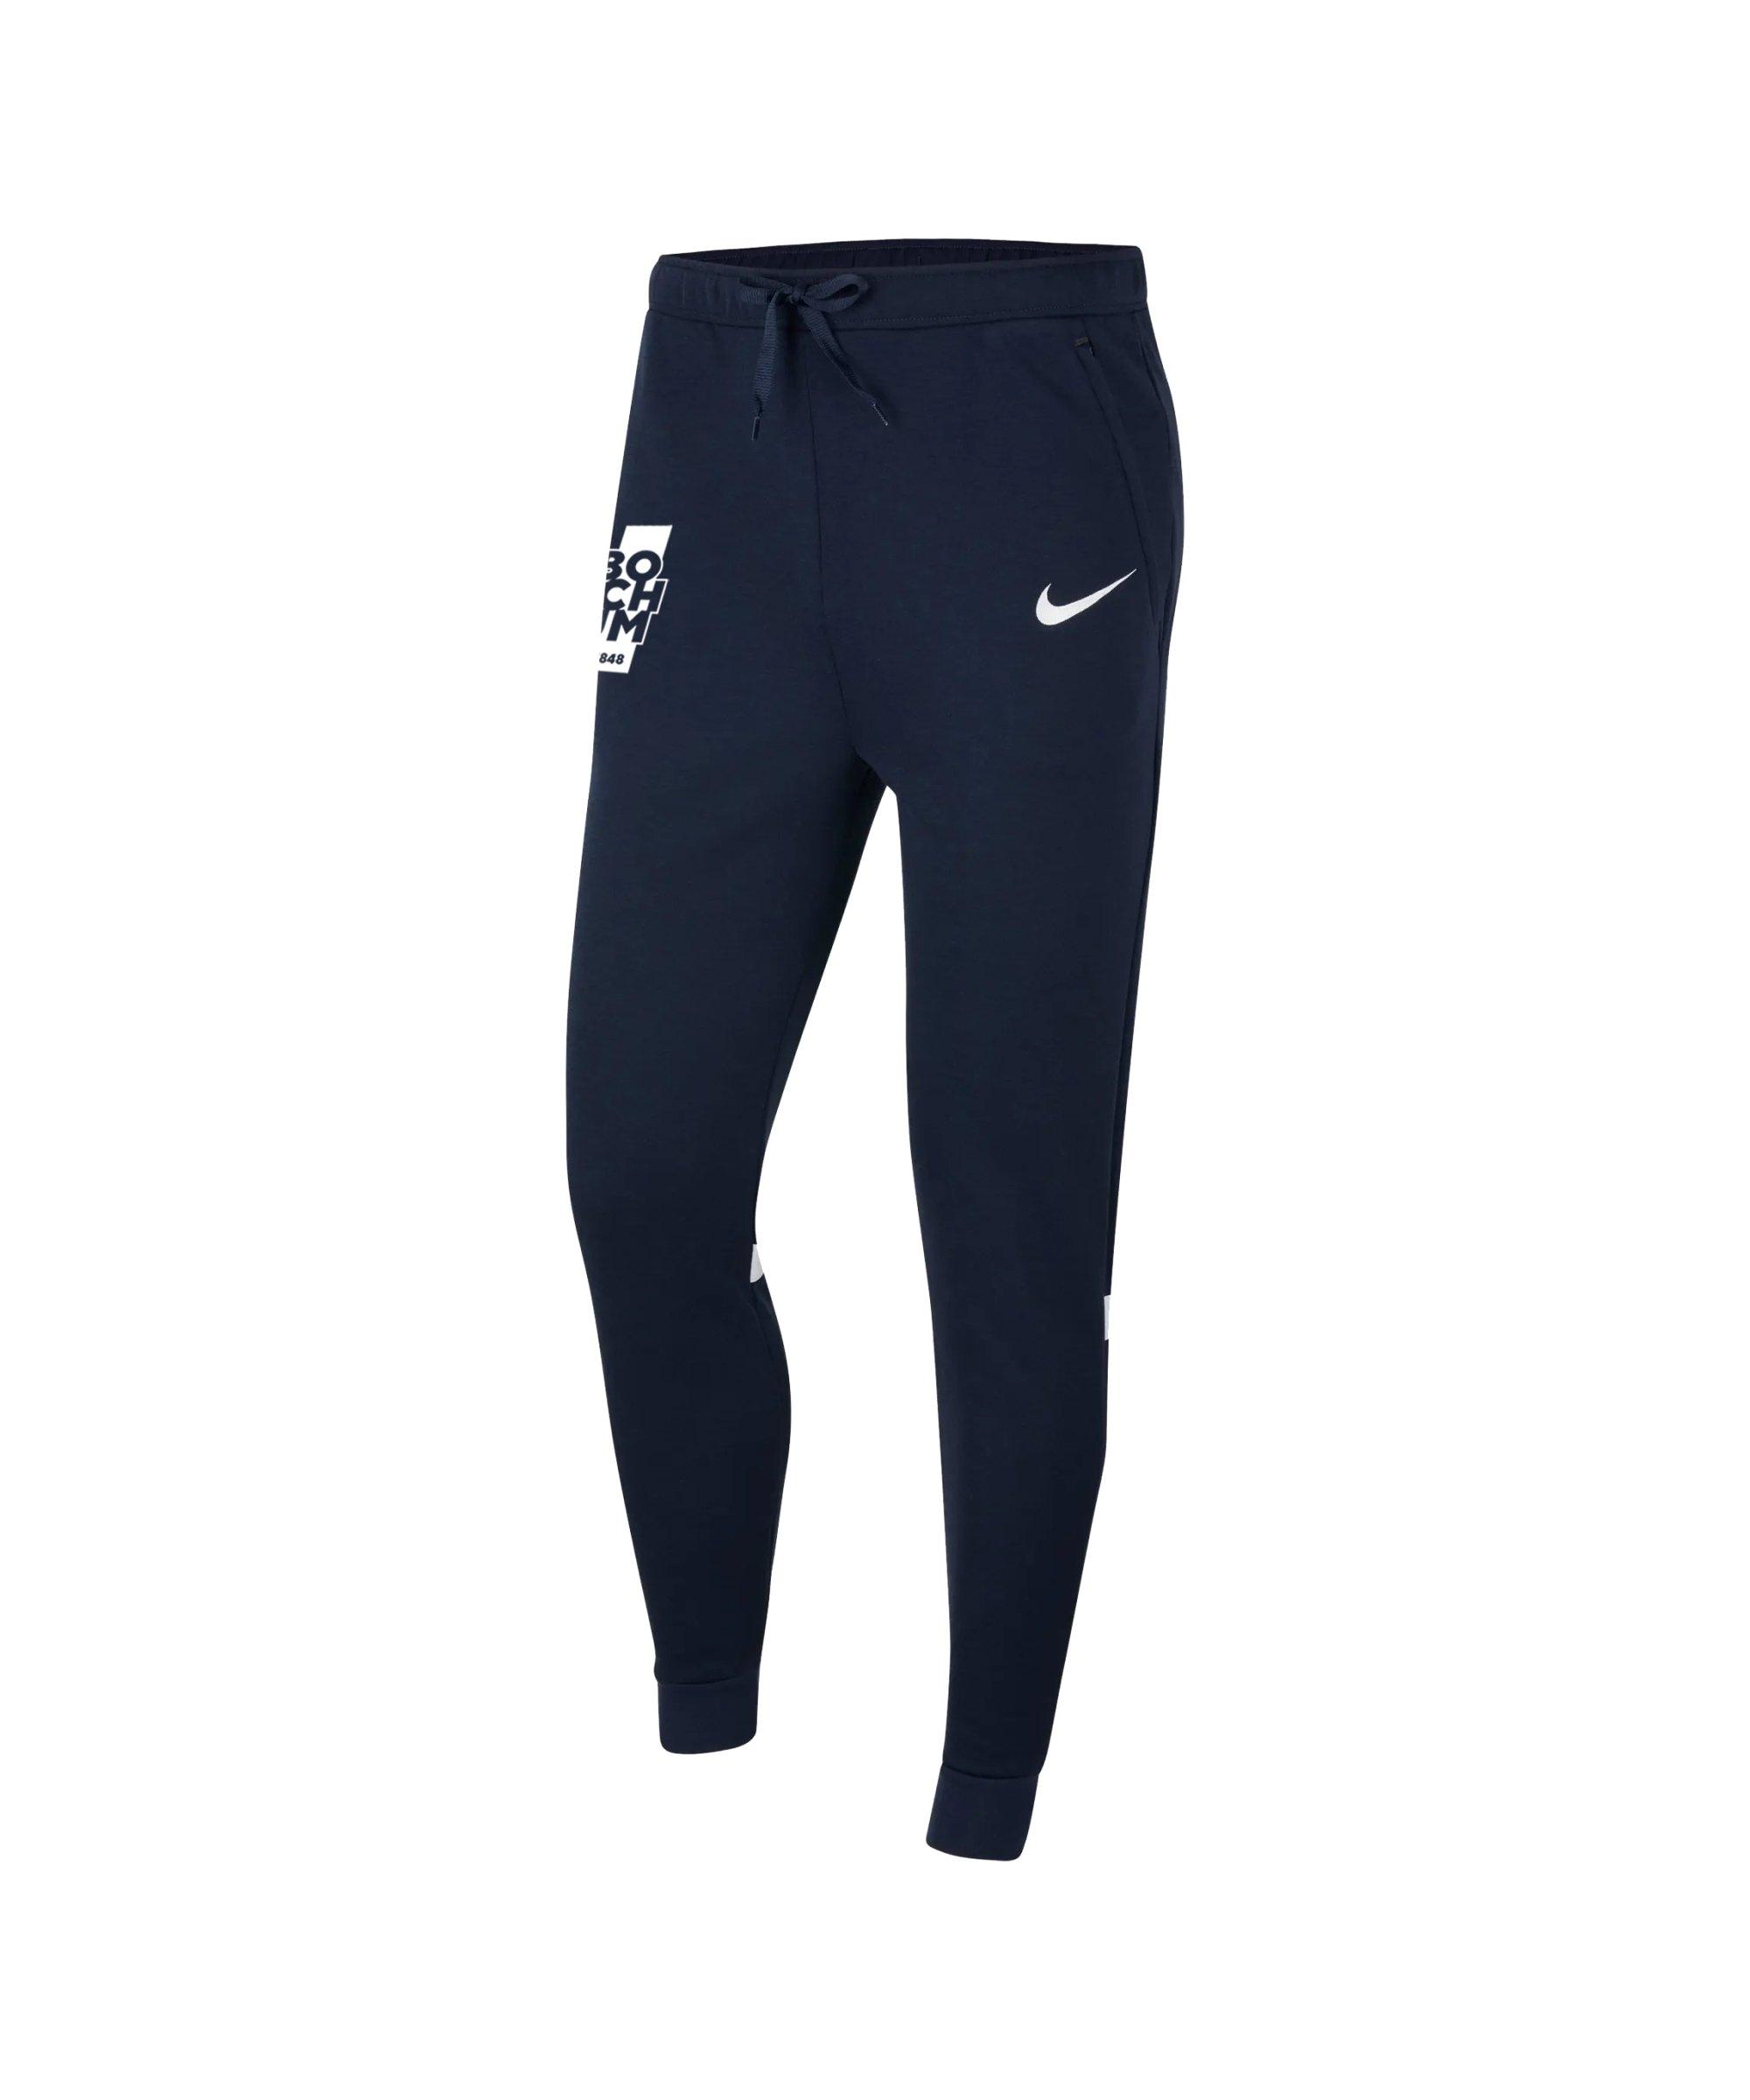 Nike VfL Bochum Jogginghose Blau F451 - blau